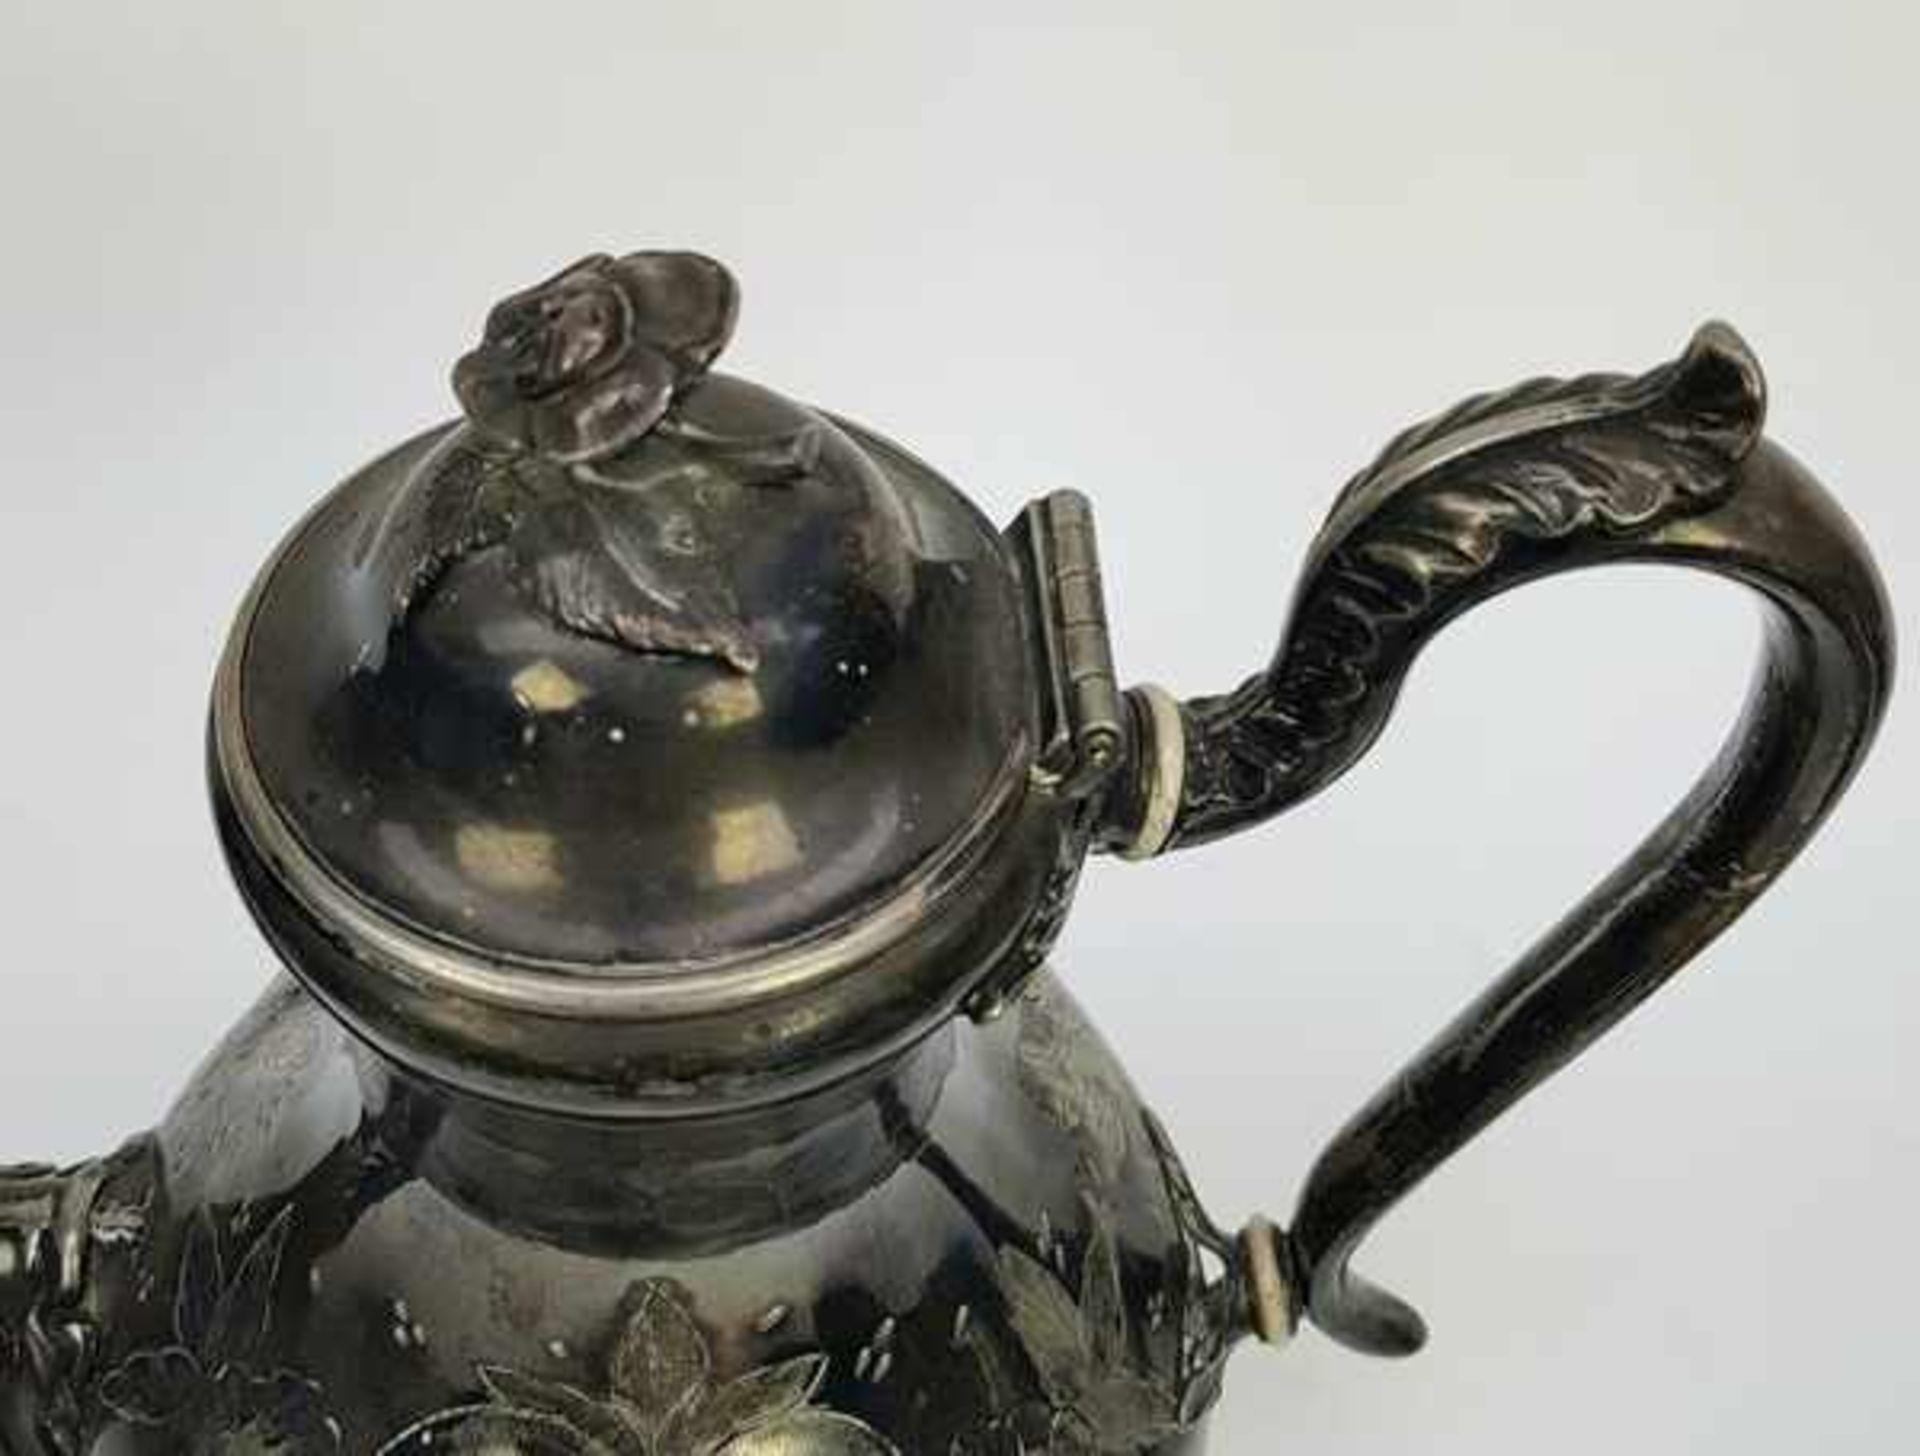 (Antiek) Divers lot thee-en koffiepotten - Bild 3 aus 10